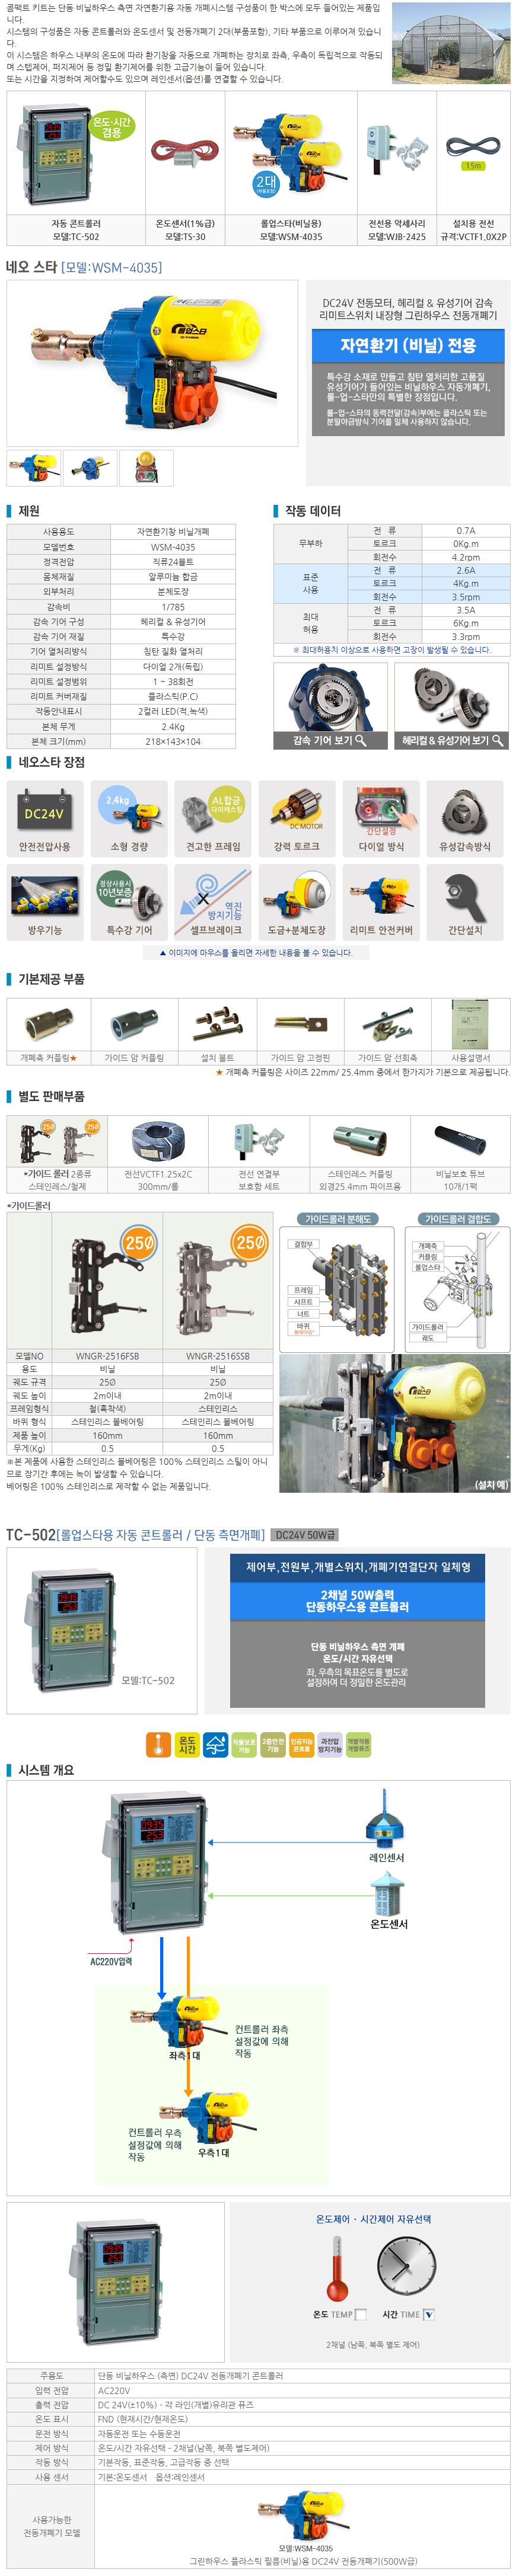 (주)우성하이텍 자연환기창 제어시스템  6